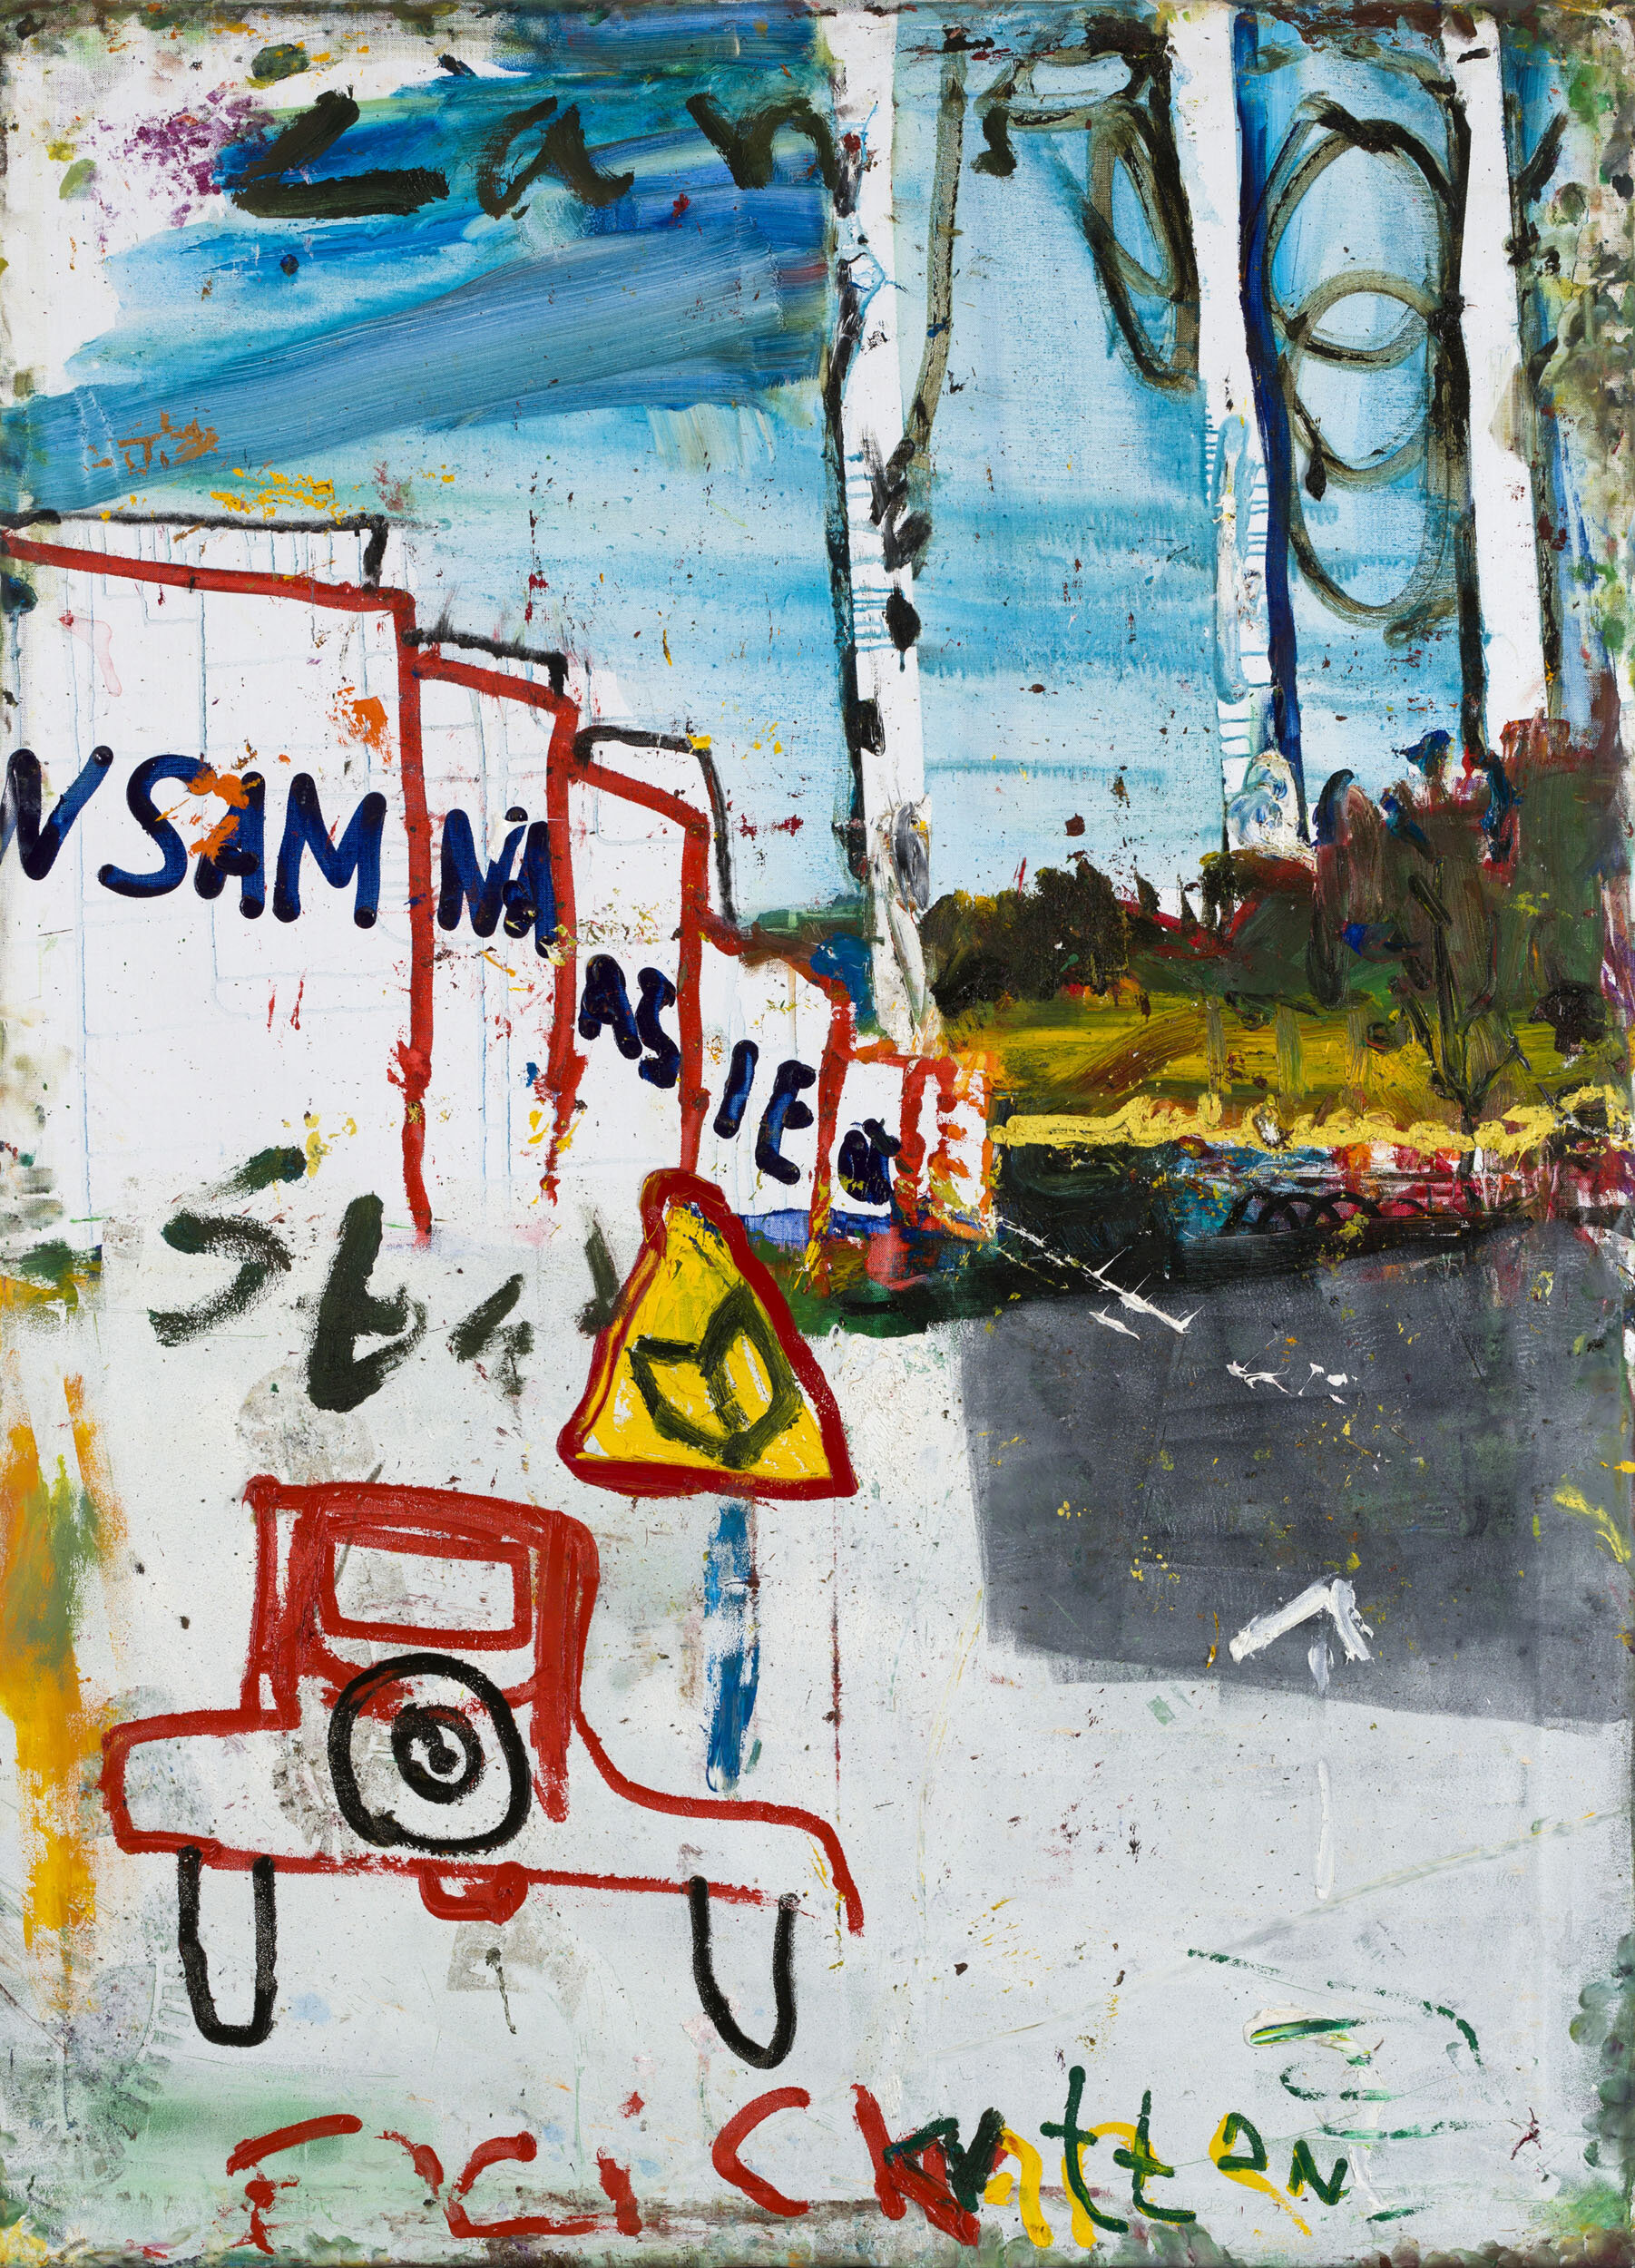 Jarl Ingvarsson   Stad o Land, ur Strindbergssviten  2012 Signerad och daterad a tergo  Olja på duk 141 x 101 cm